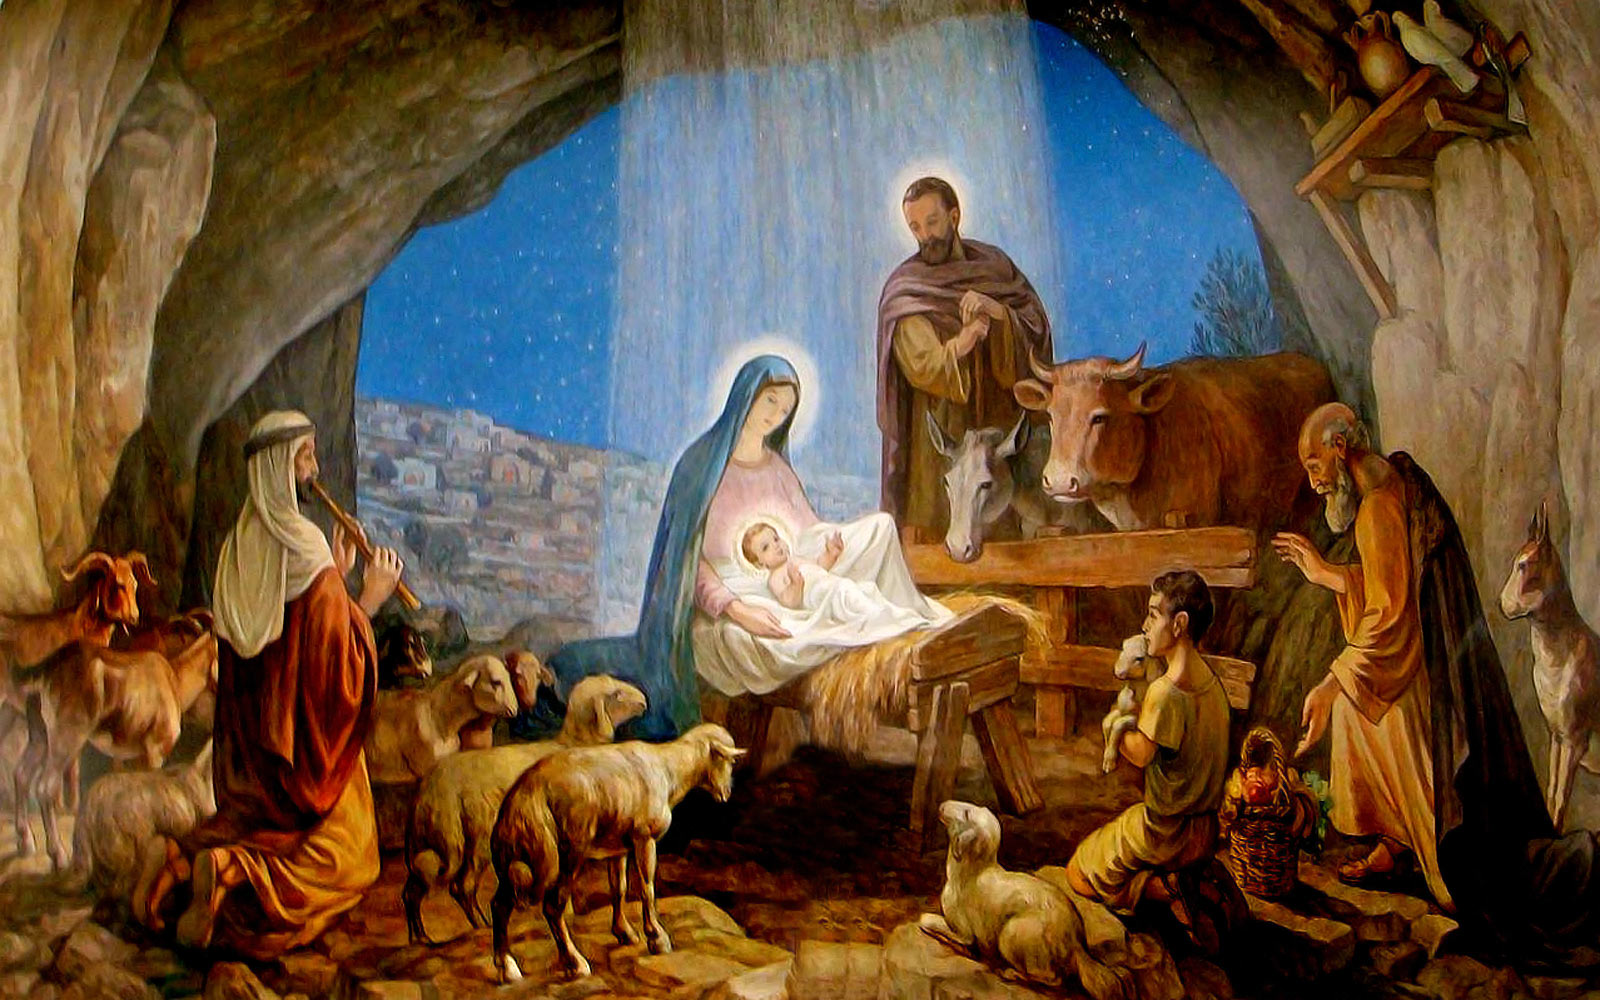 Áldott, Békés, Boldog Karácsonyt! Nativity-scene